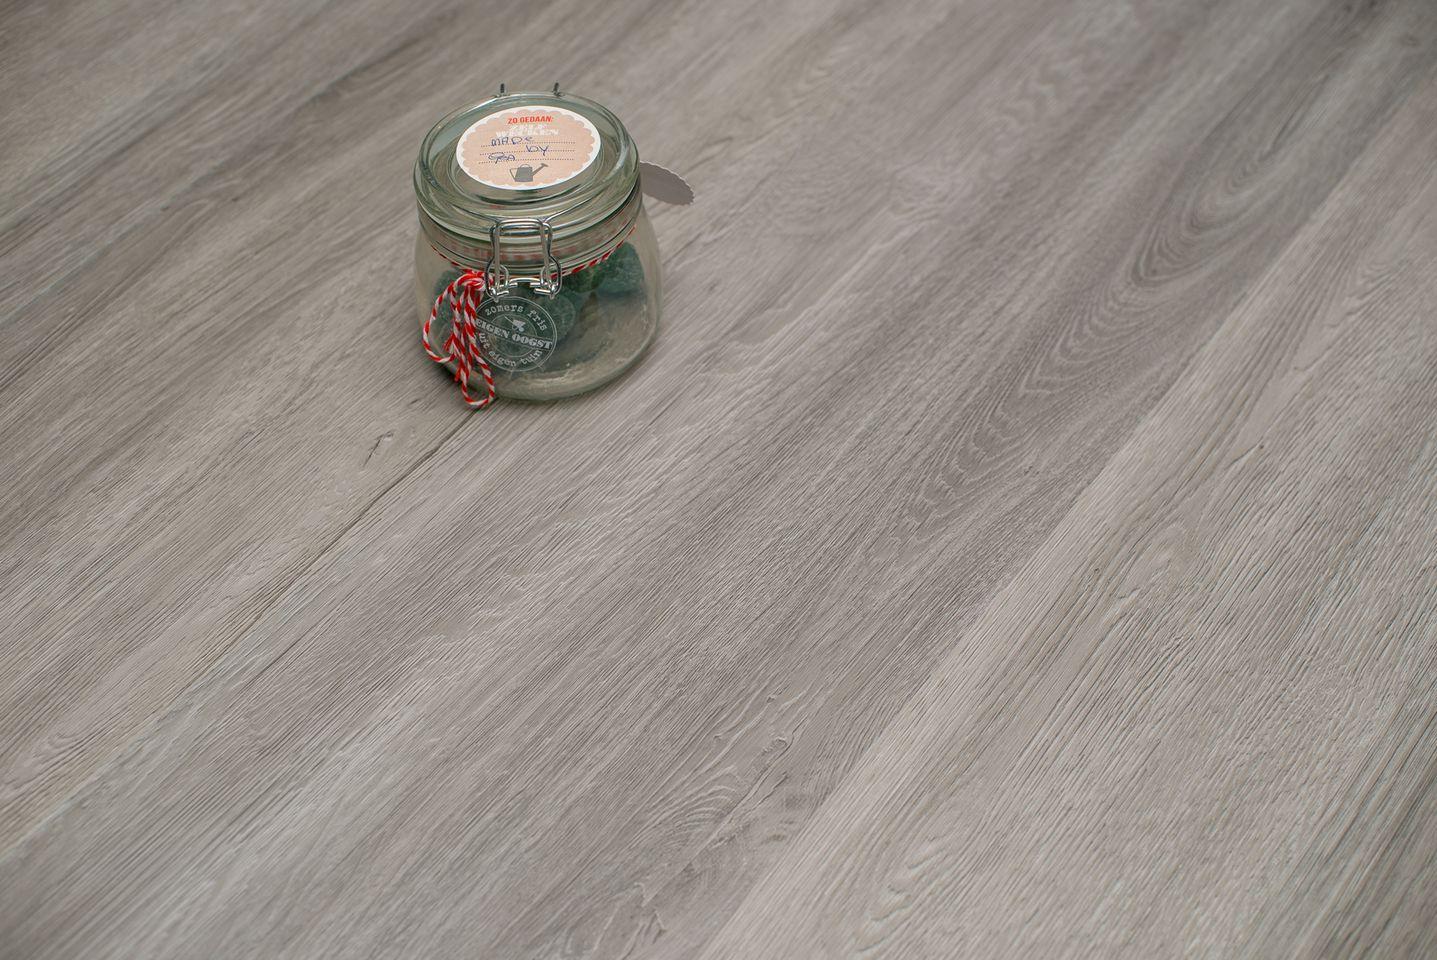 Floer dorpen pvc giethoorn grijs eiken grijze vinyl plank vloer